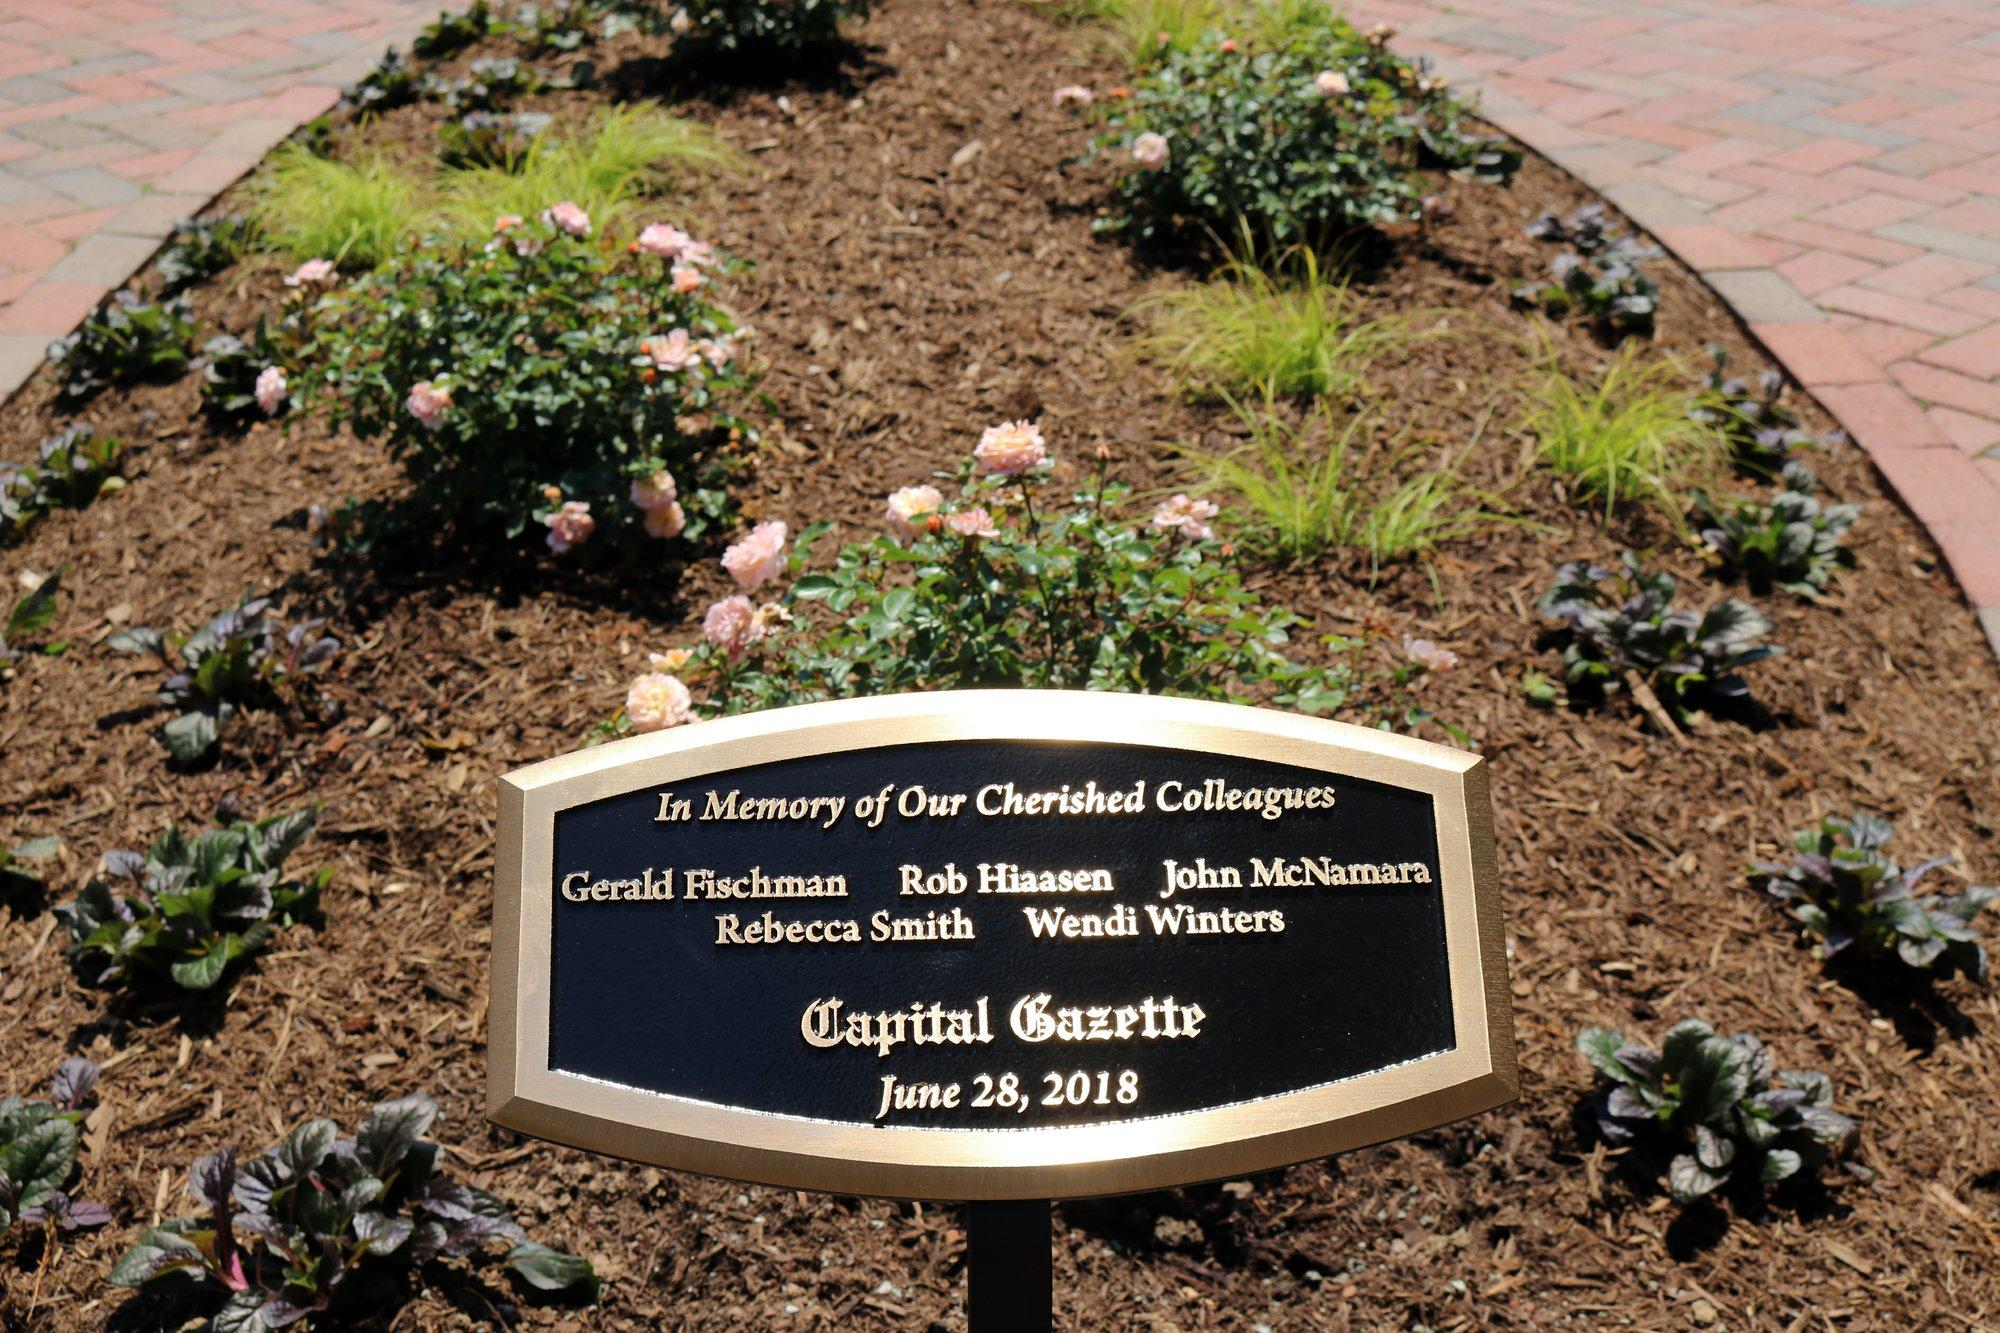 Memorial held for 5 slain Capital Gazette employees